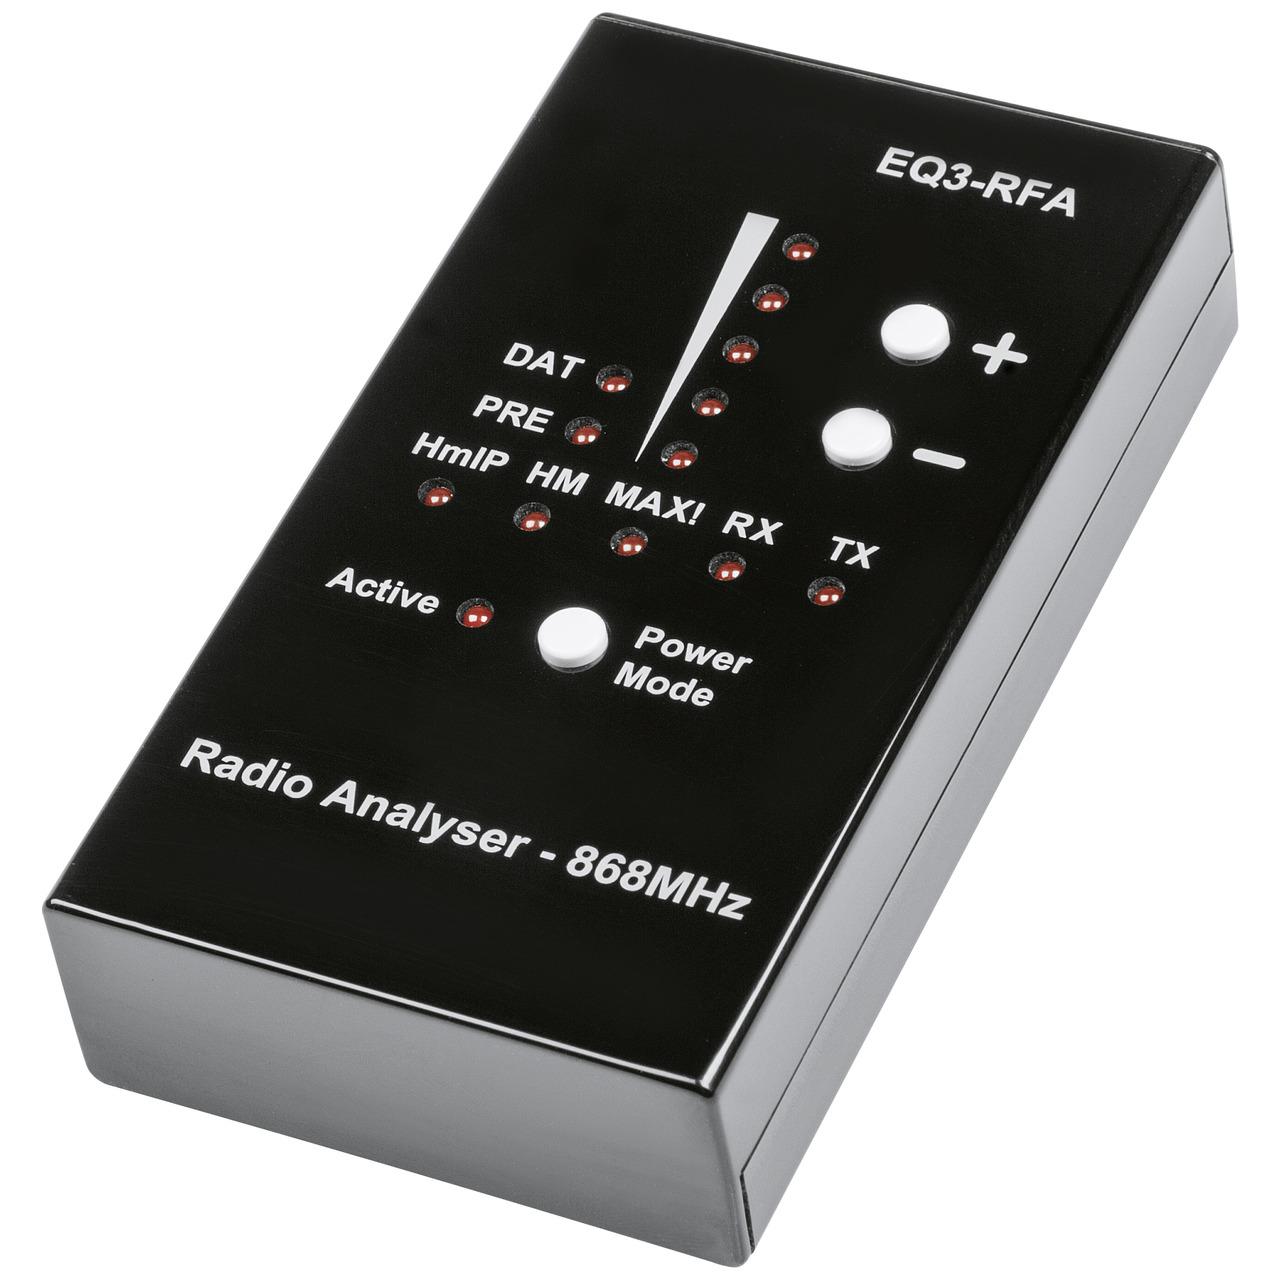 ELV Funk-Analyser EQ3-RFA- 868MHz für Homematic IP- Homematic und MAX!